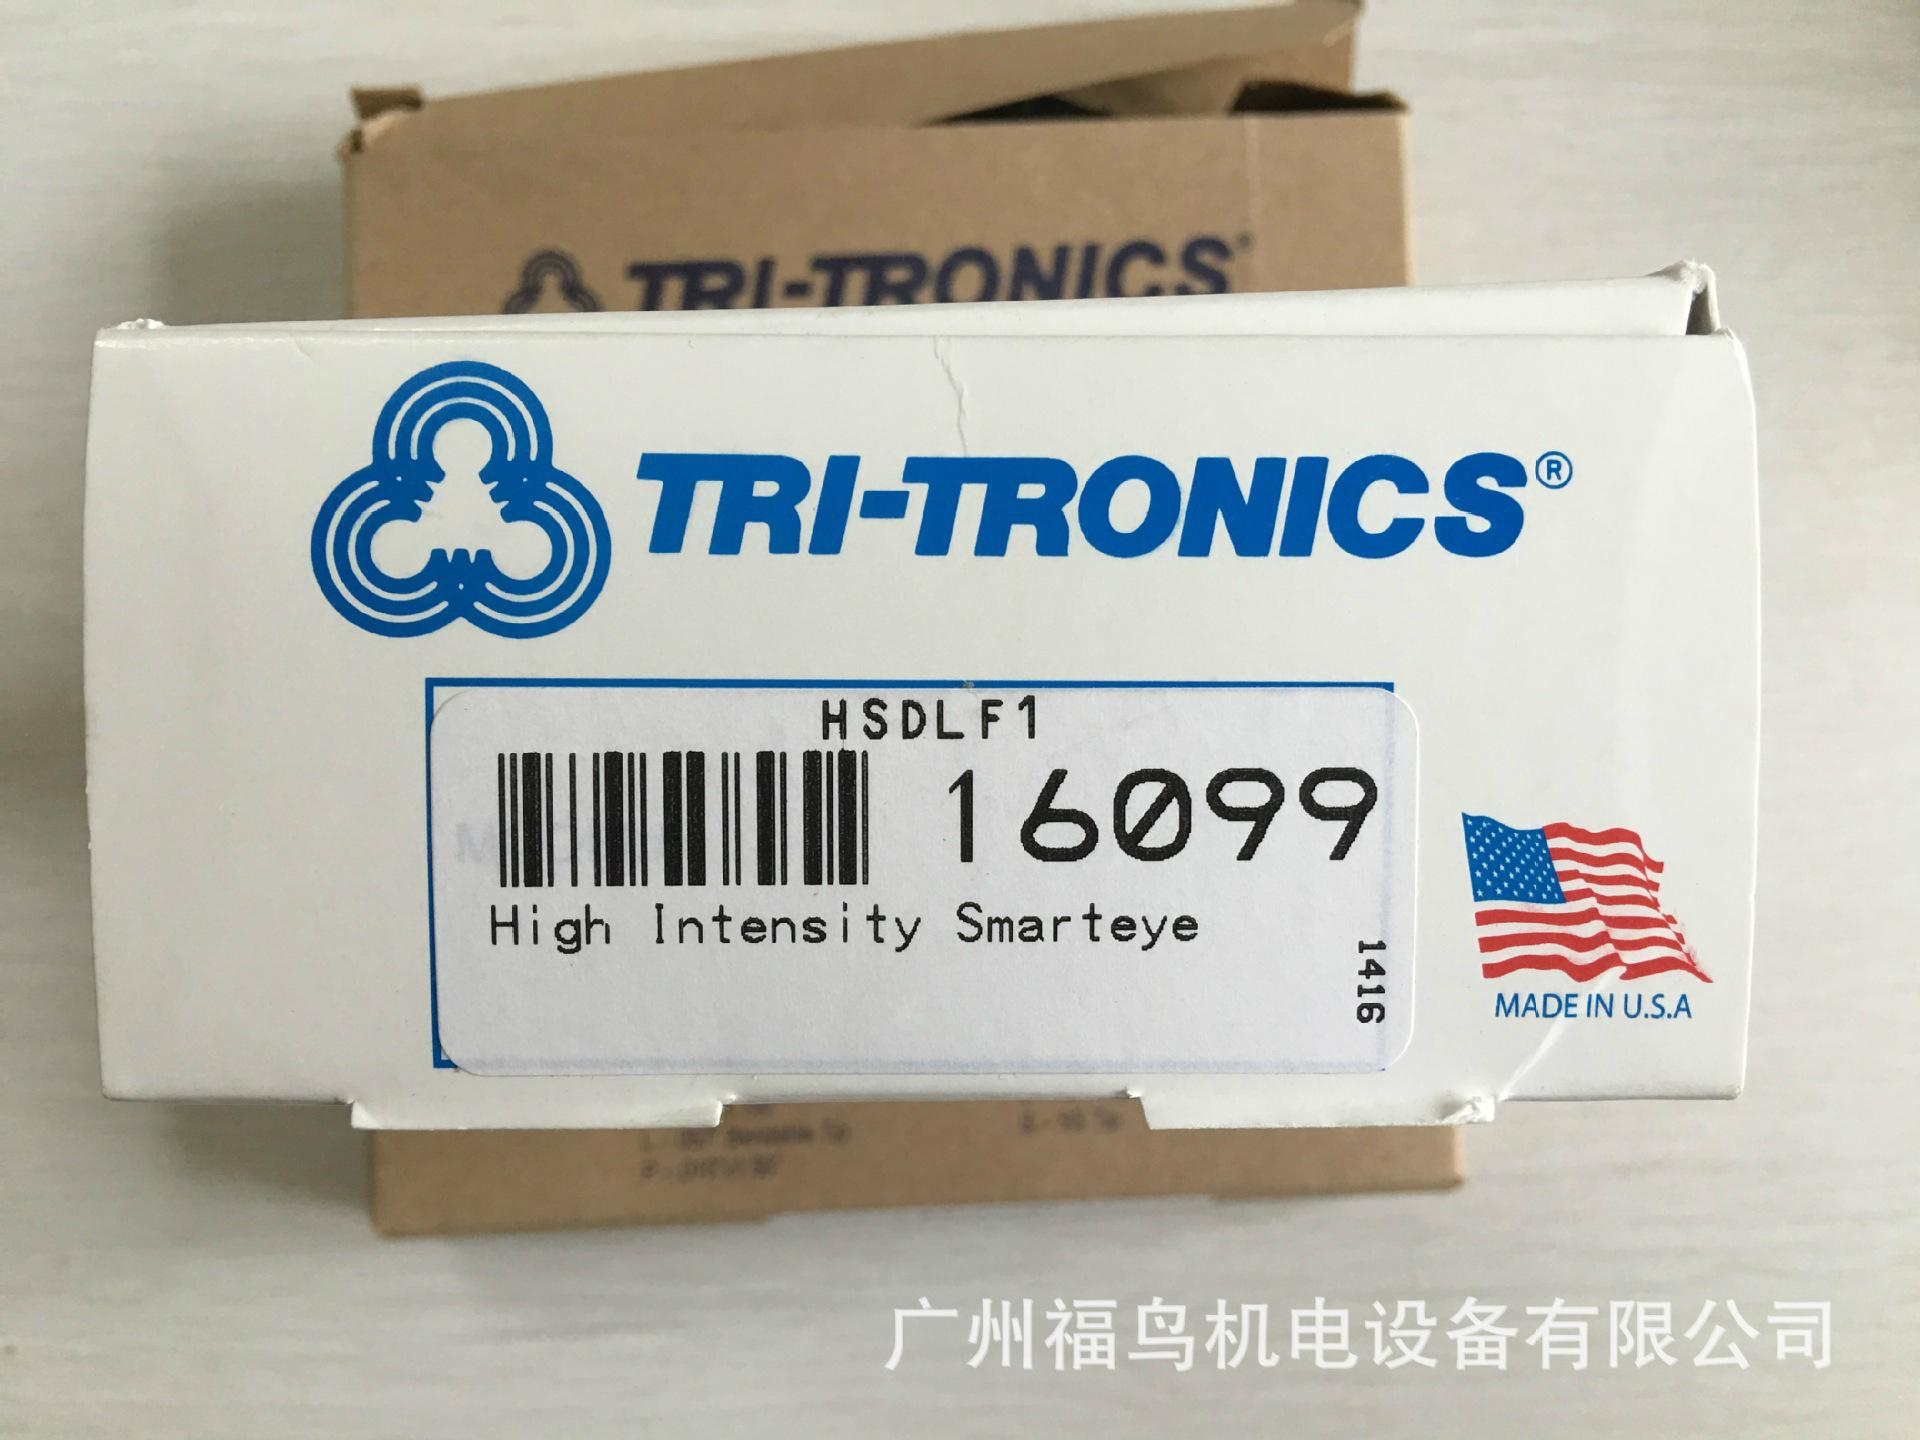 供應TRI-TRONICS光纖放大器, 傳感器(HSDLF1) 6